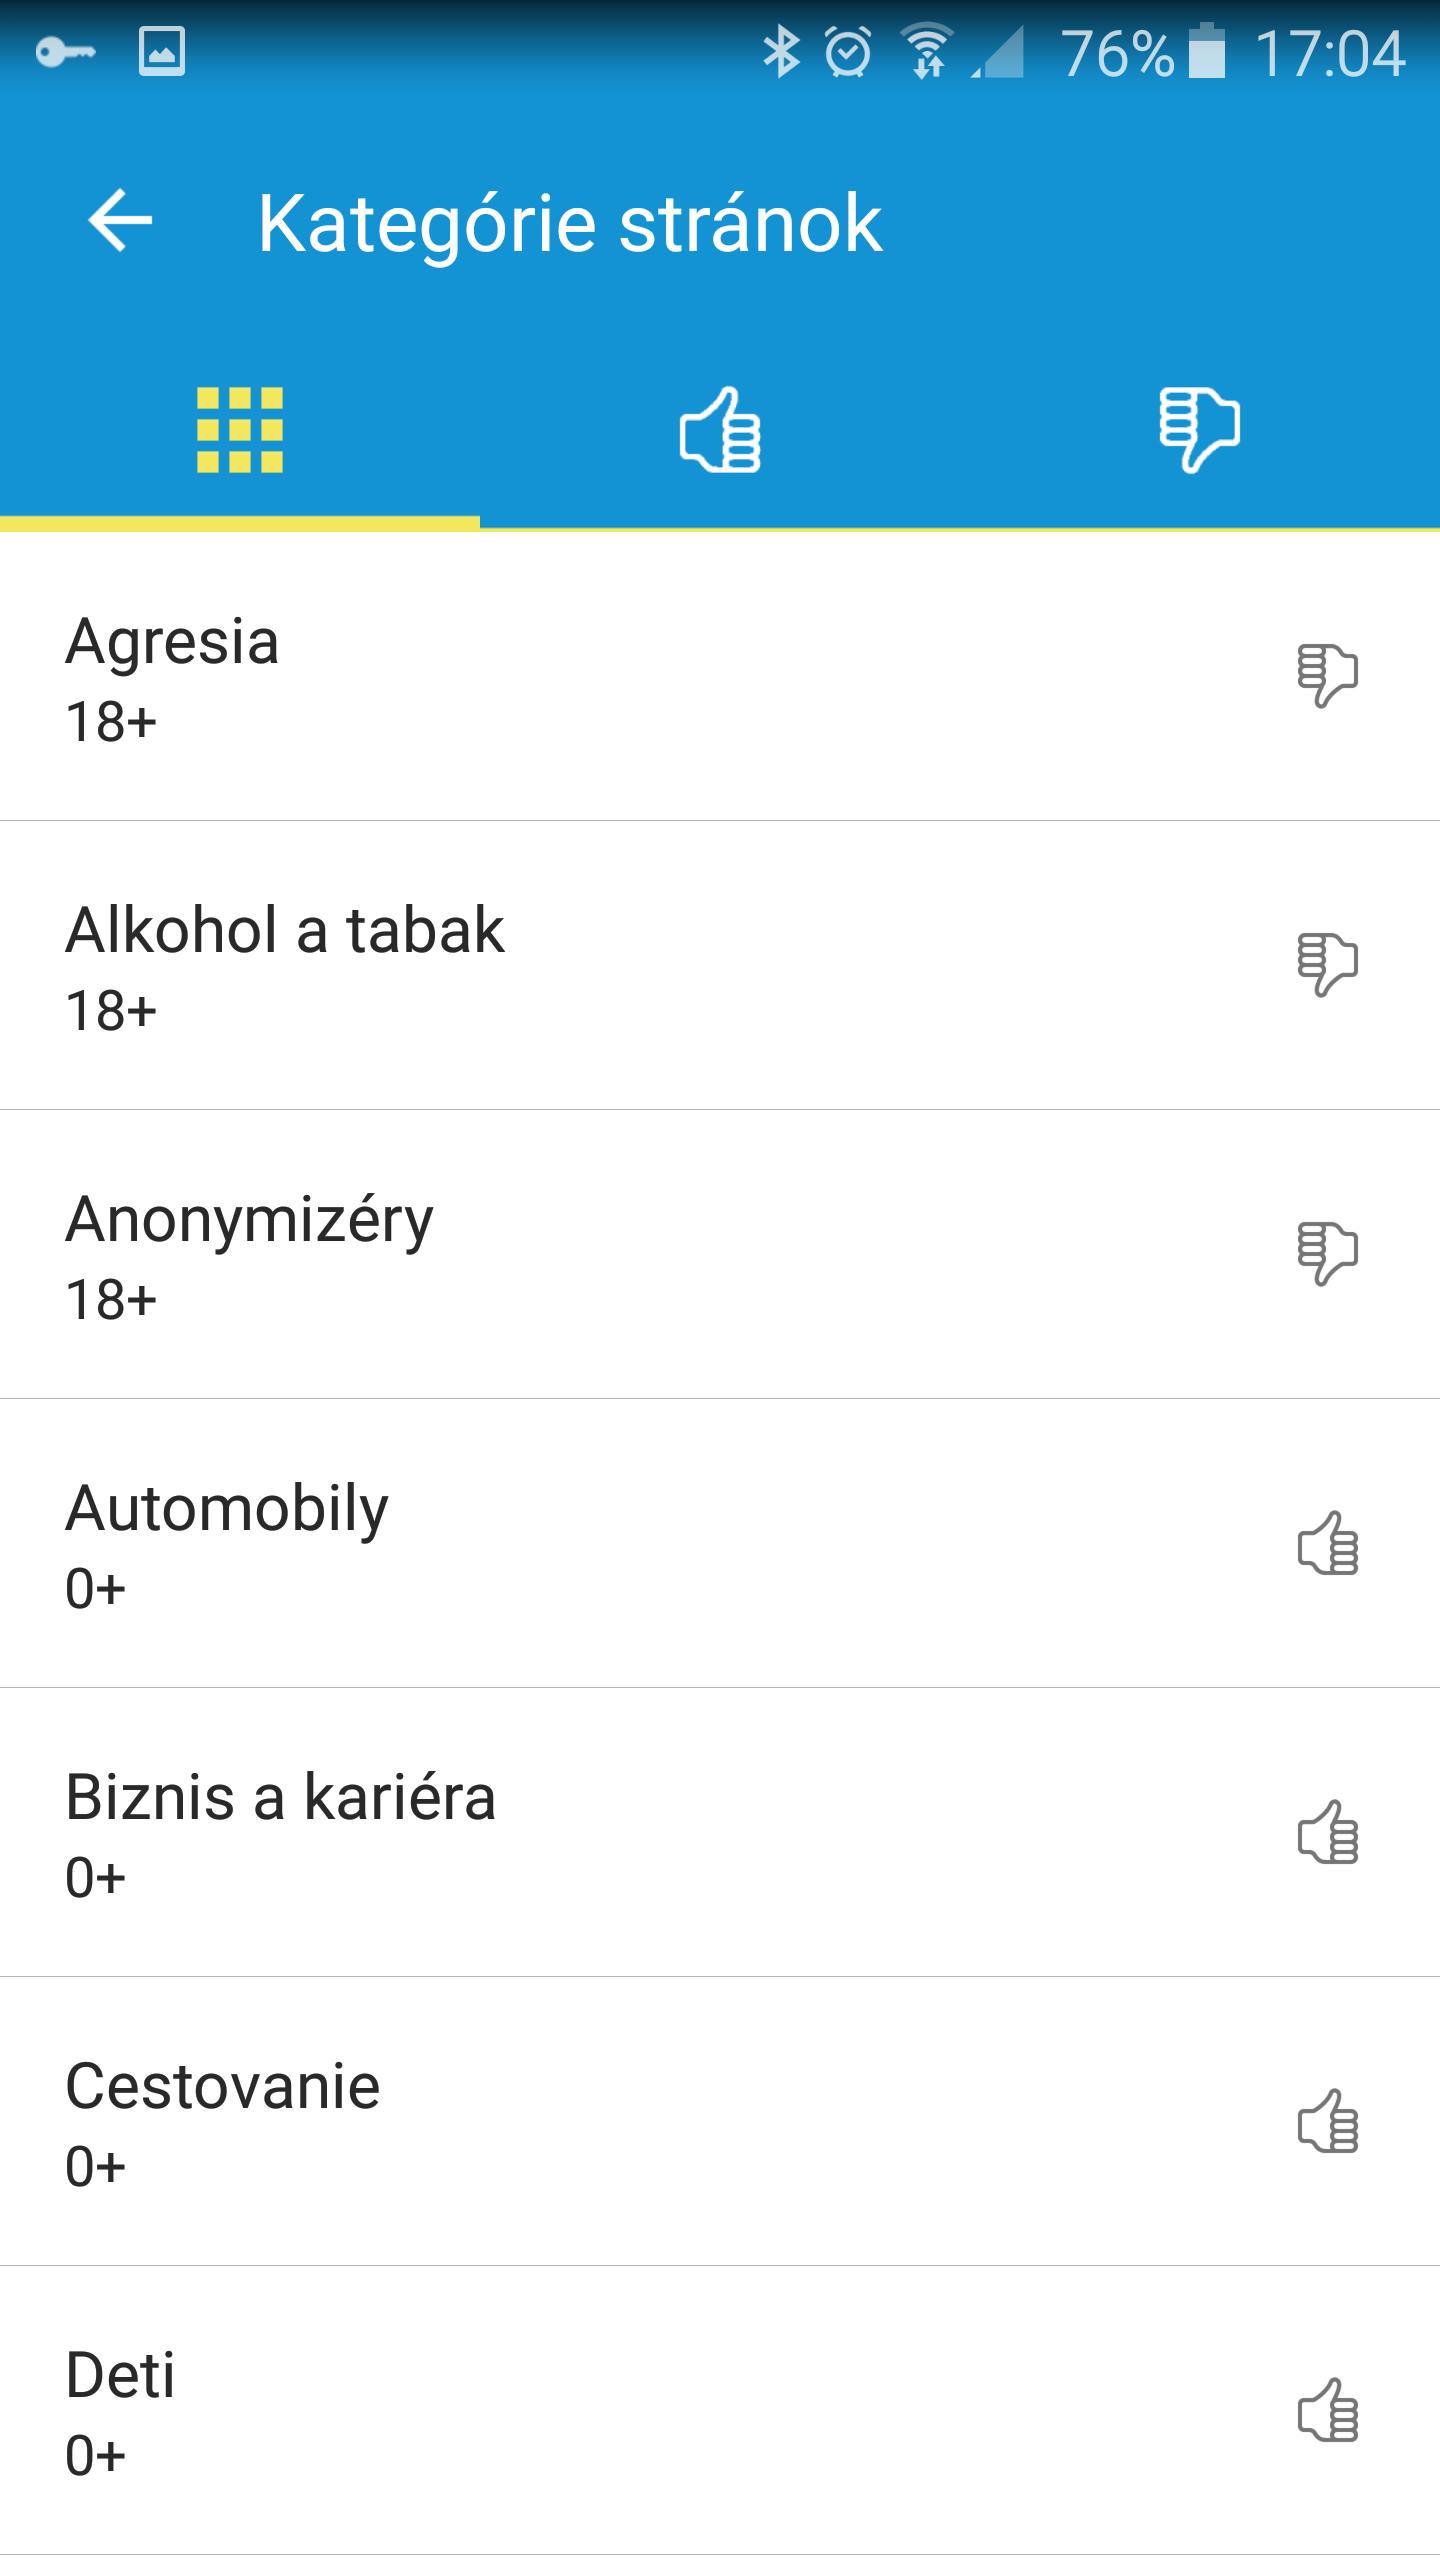 ESET_kategorie_stranok